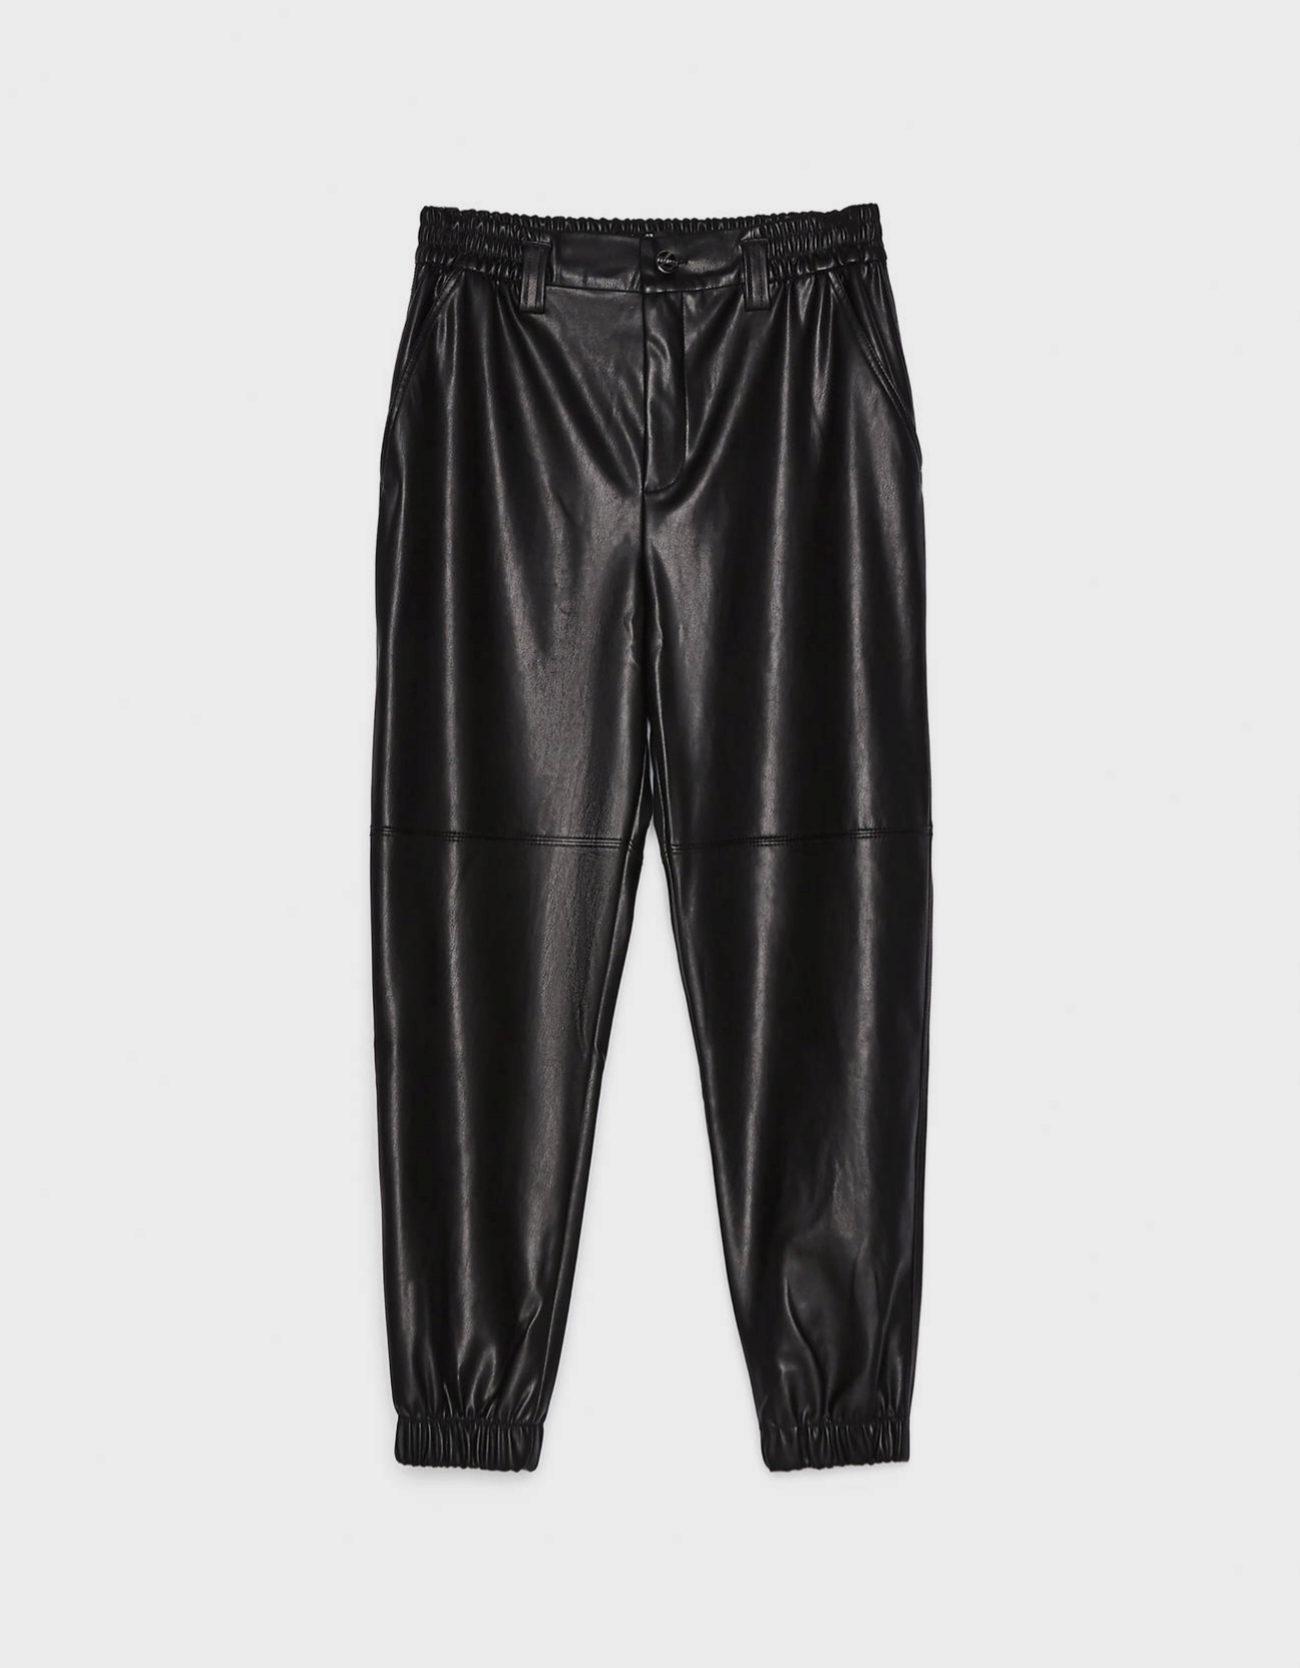 Pantalones jogger efecto piel de Bershka